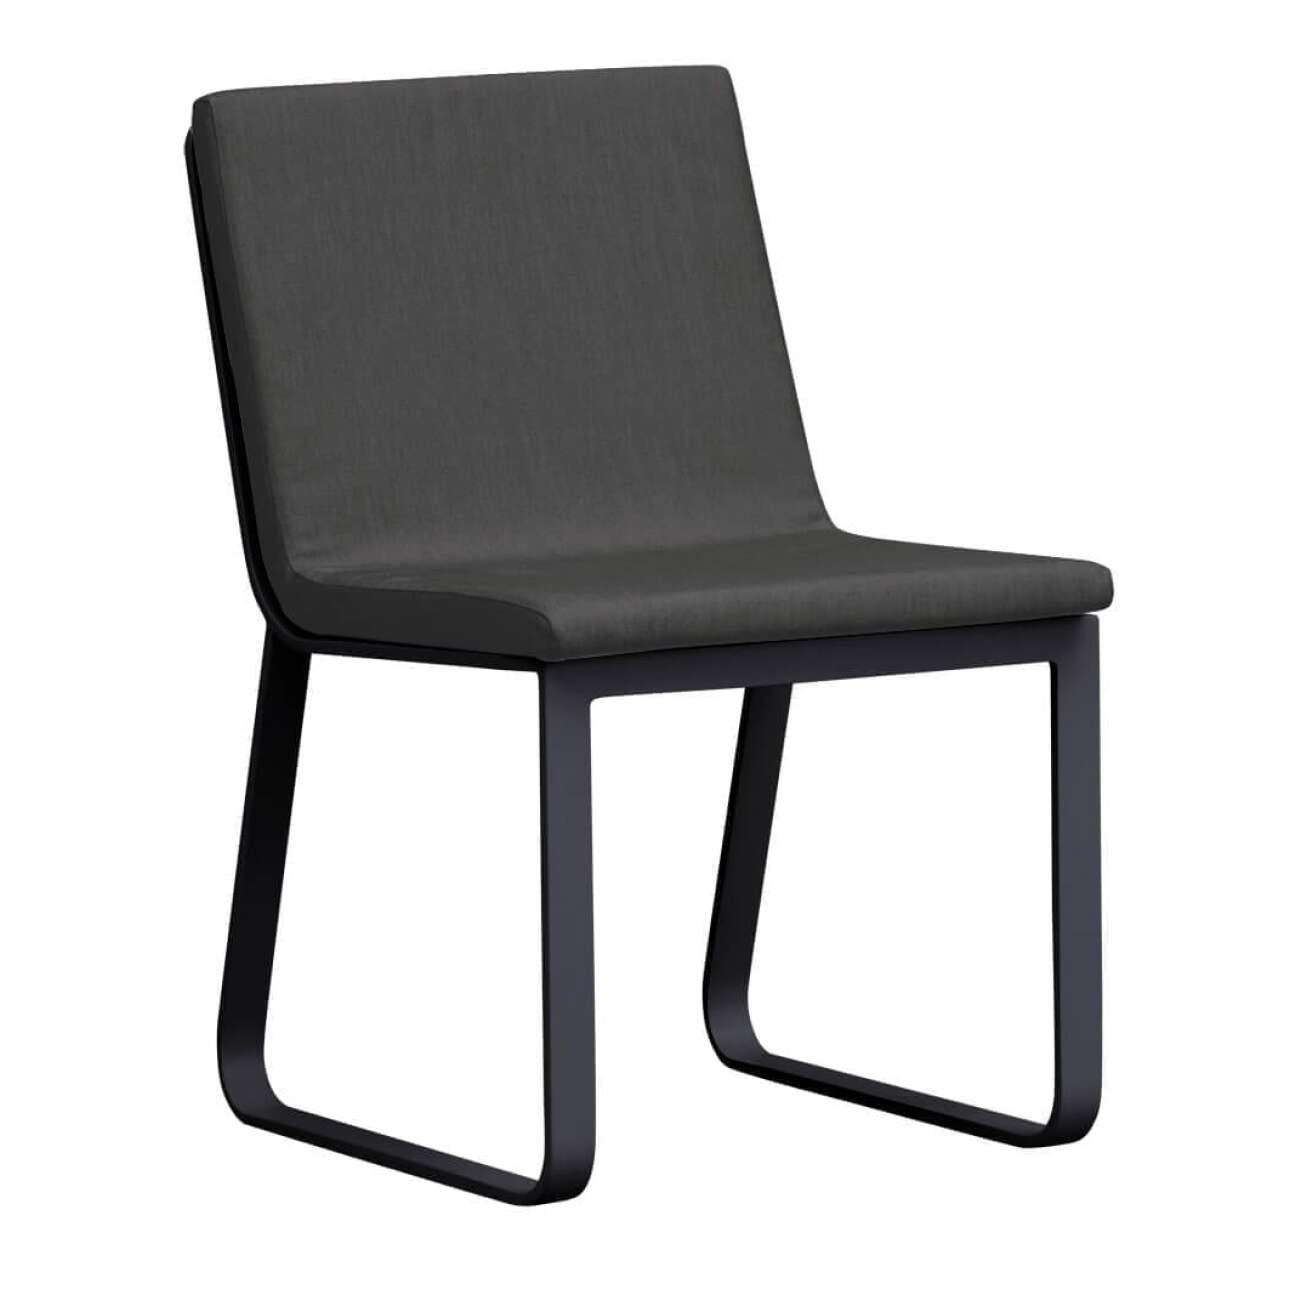 Stol i sortlakket aluminium med sete i grå tekstil uten armlene